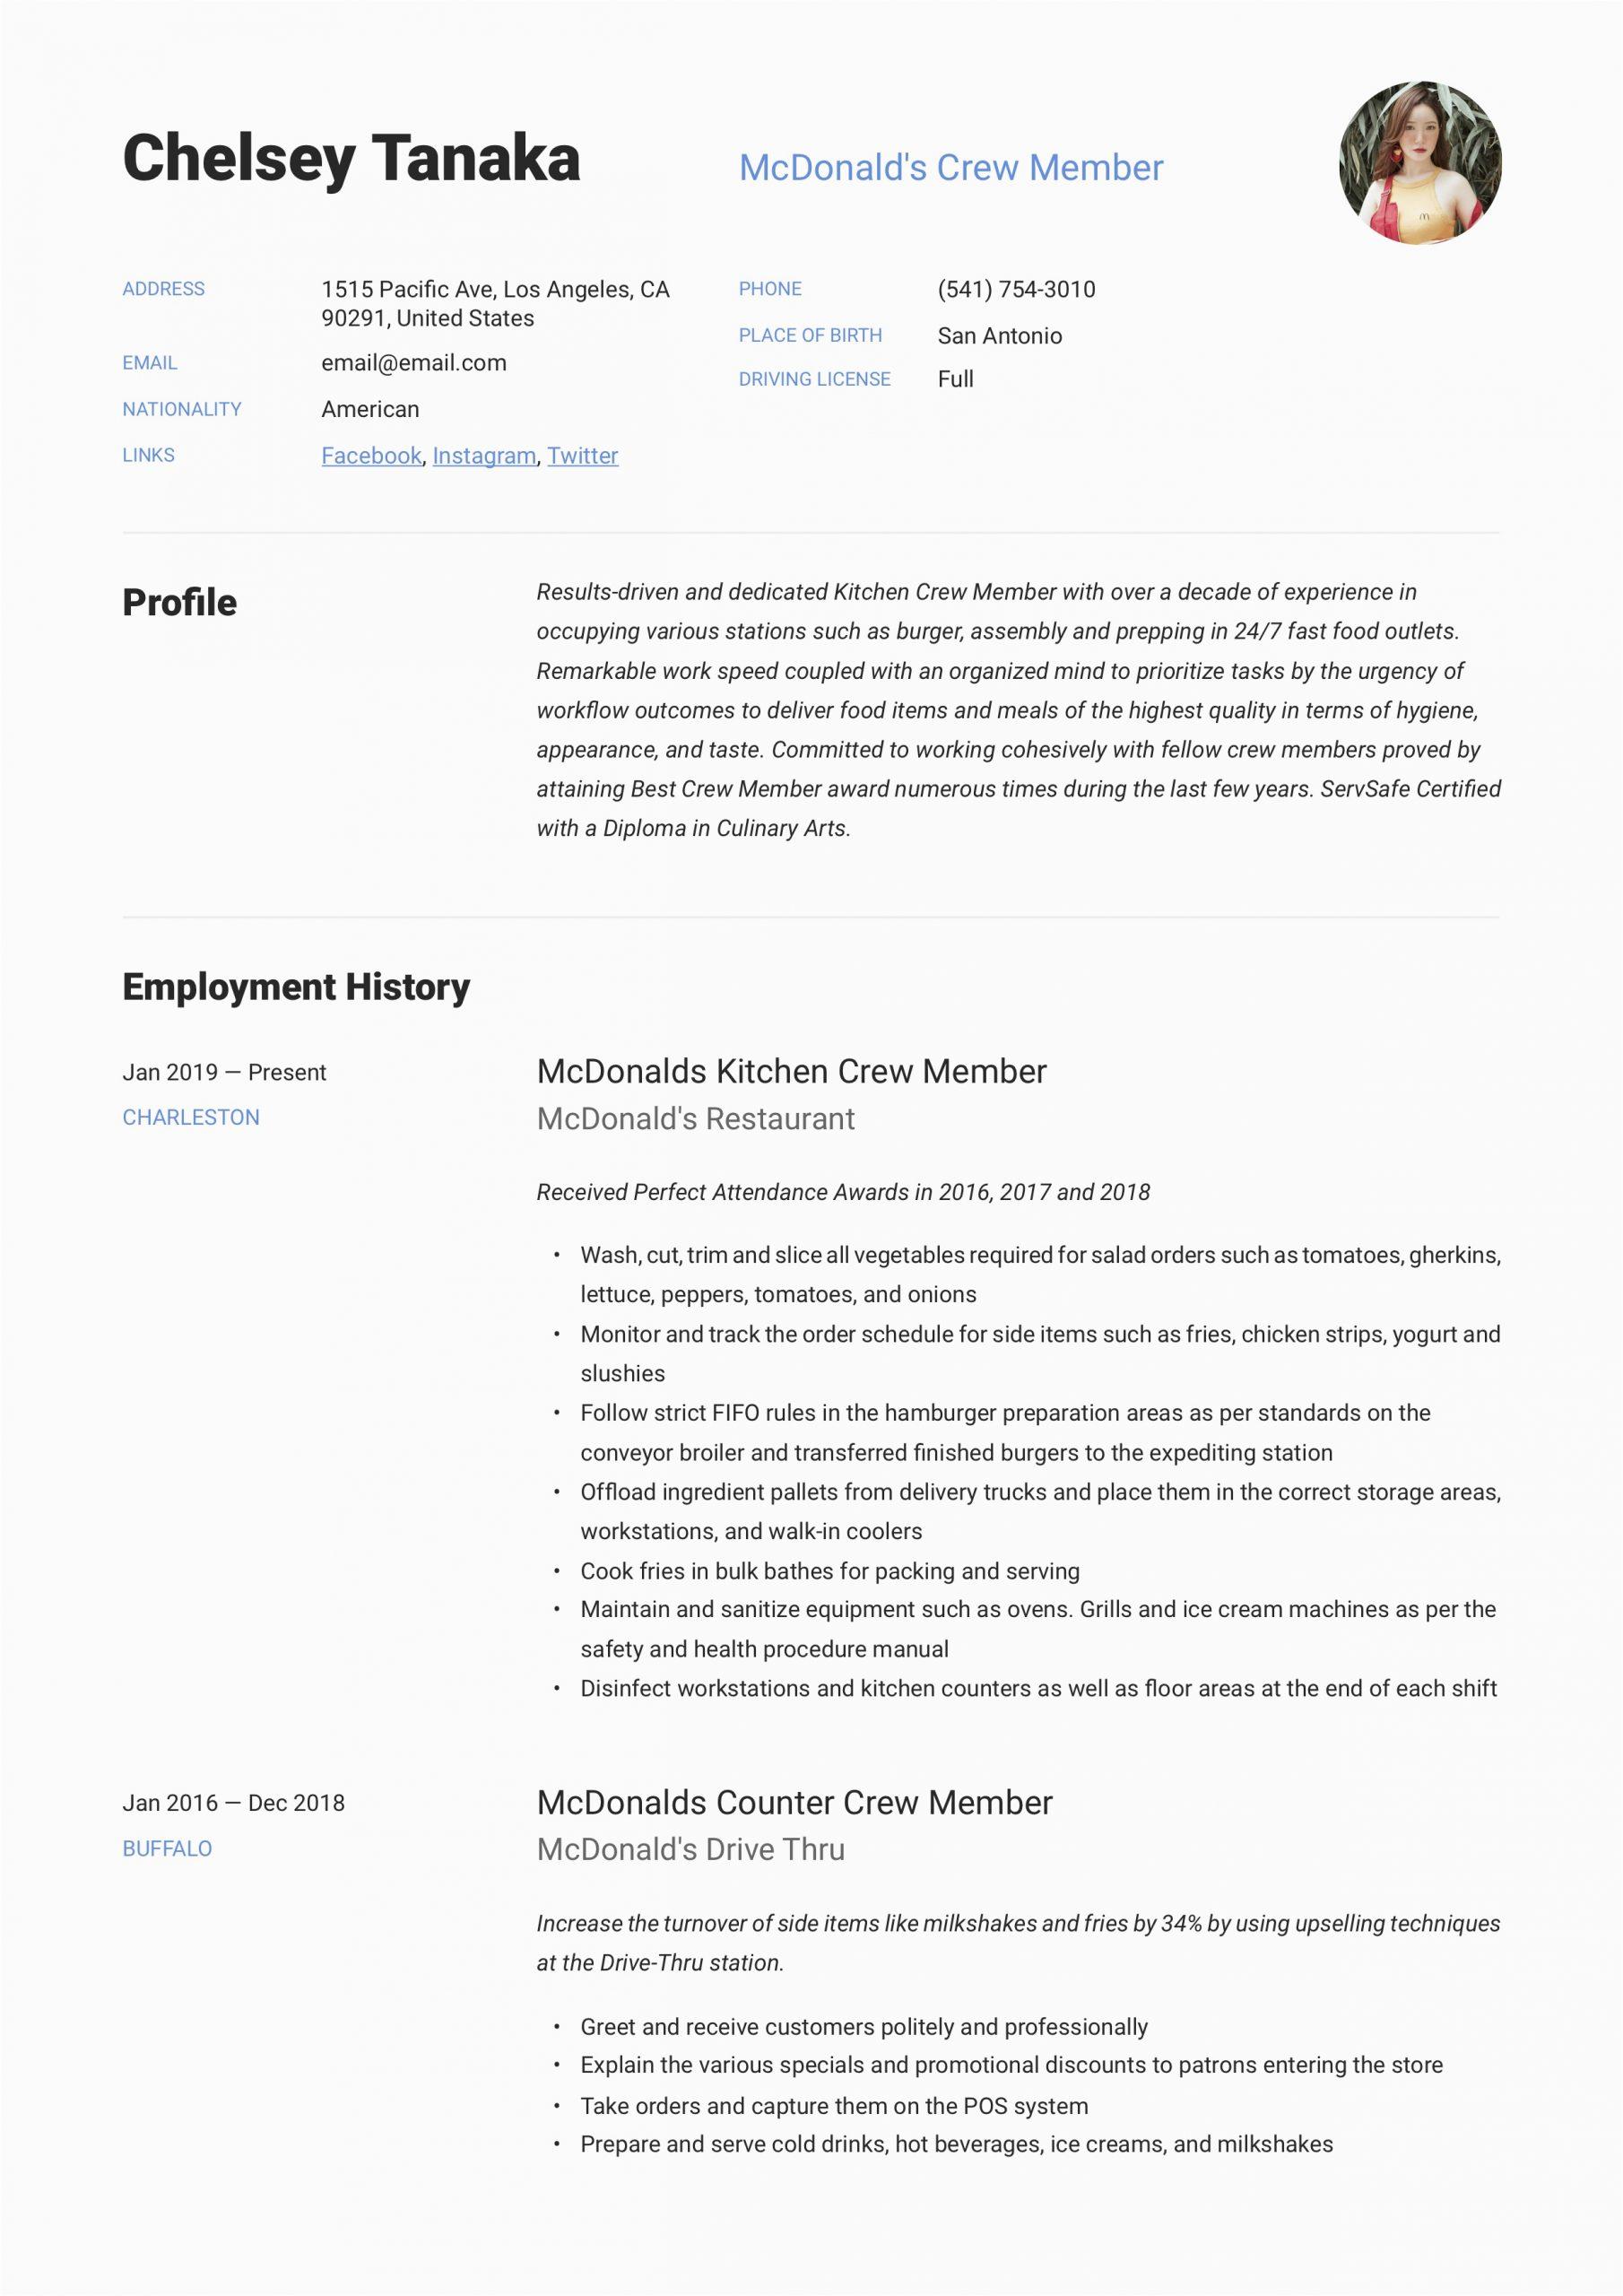 Sample Resume for Mcdonalds Crew Member Mcdonalds Crew Member Resume & Writing Guide